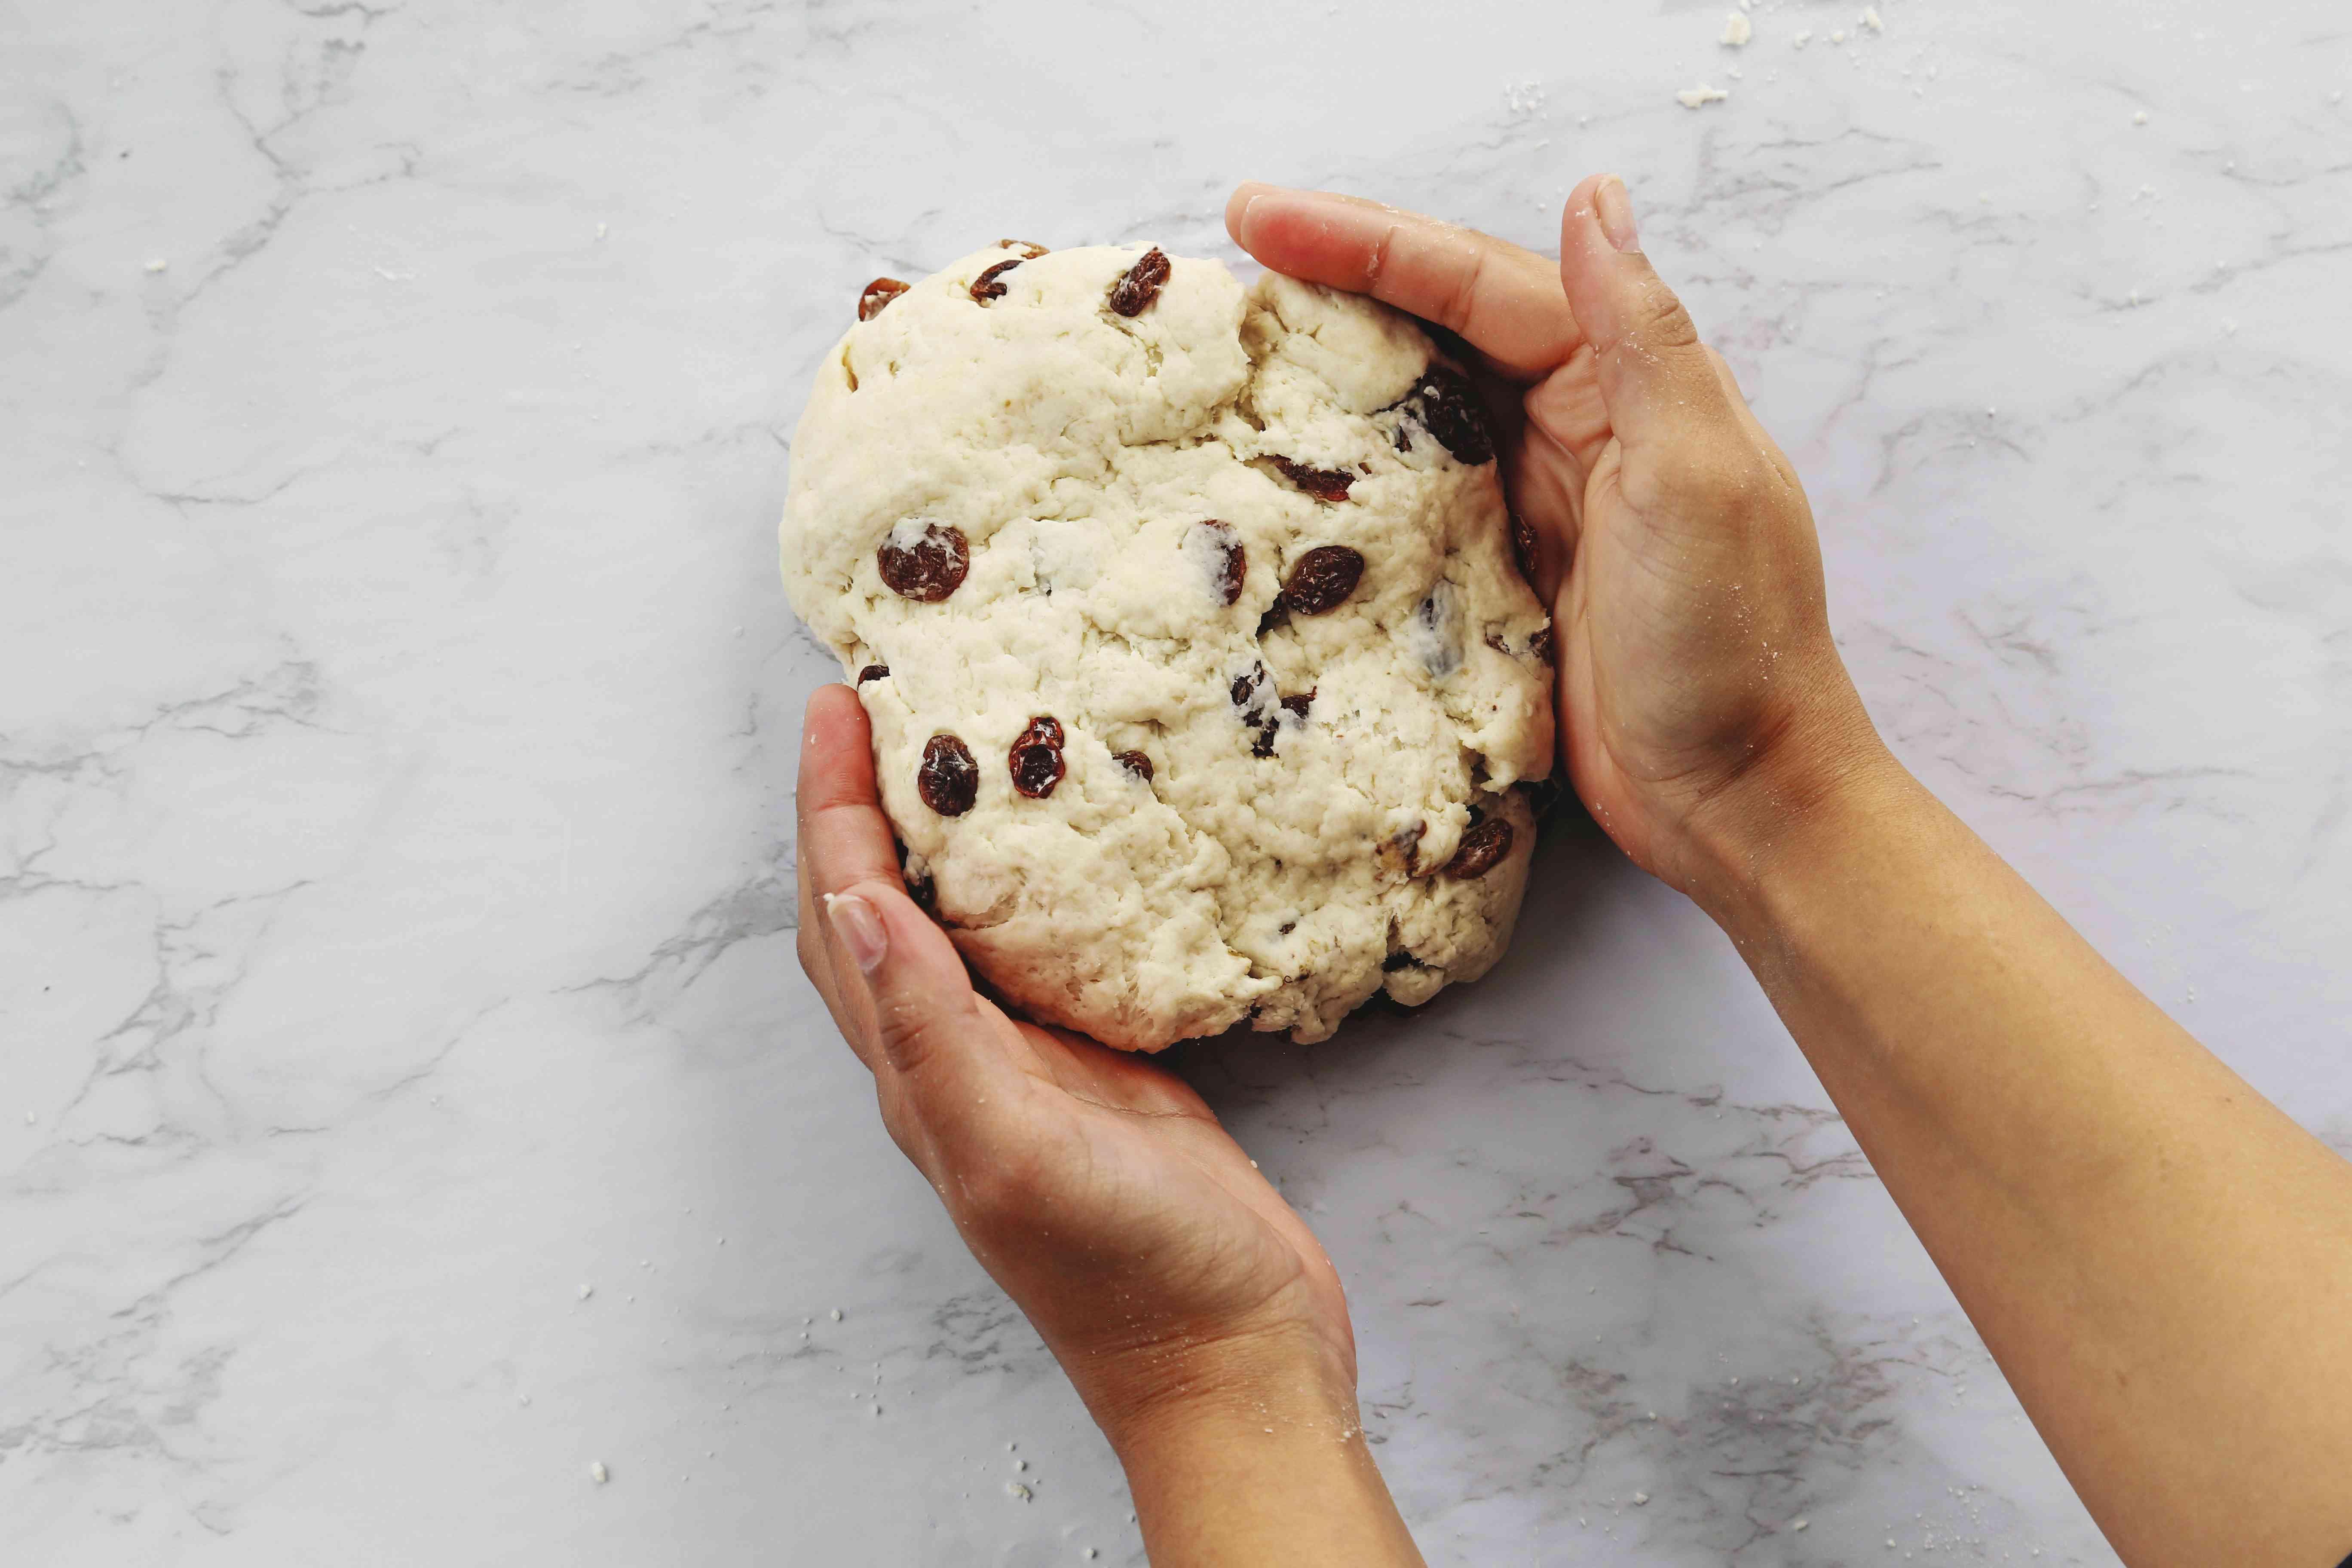 scones dough on a counter